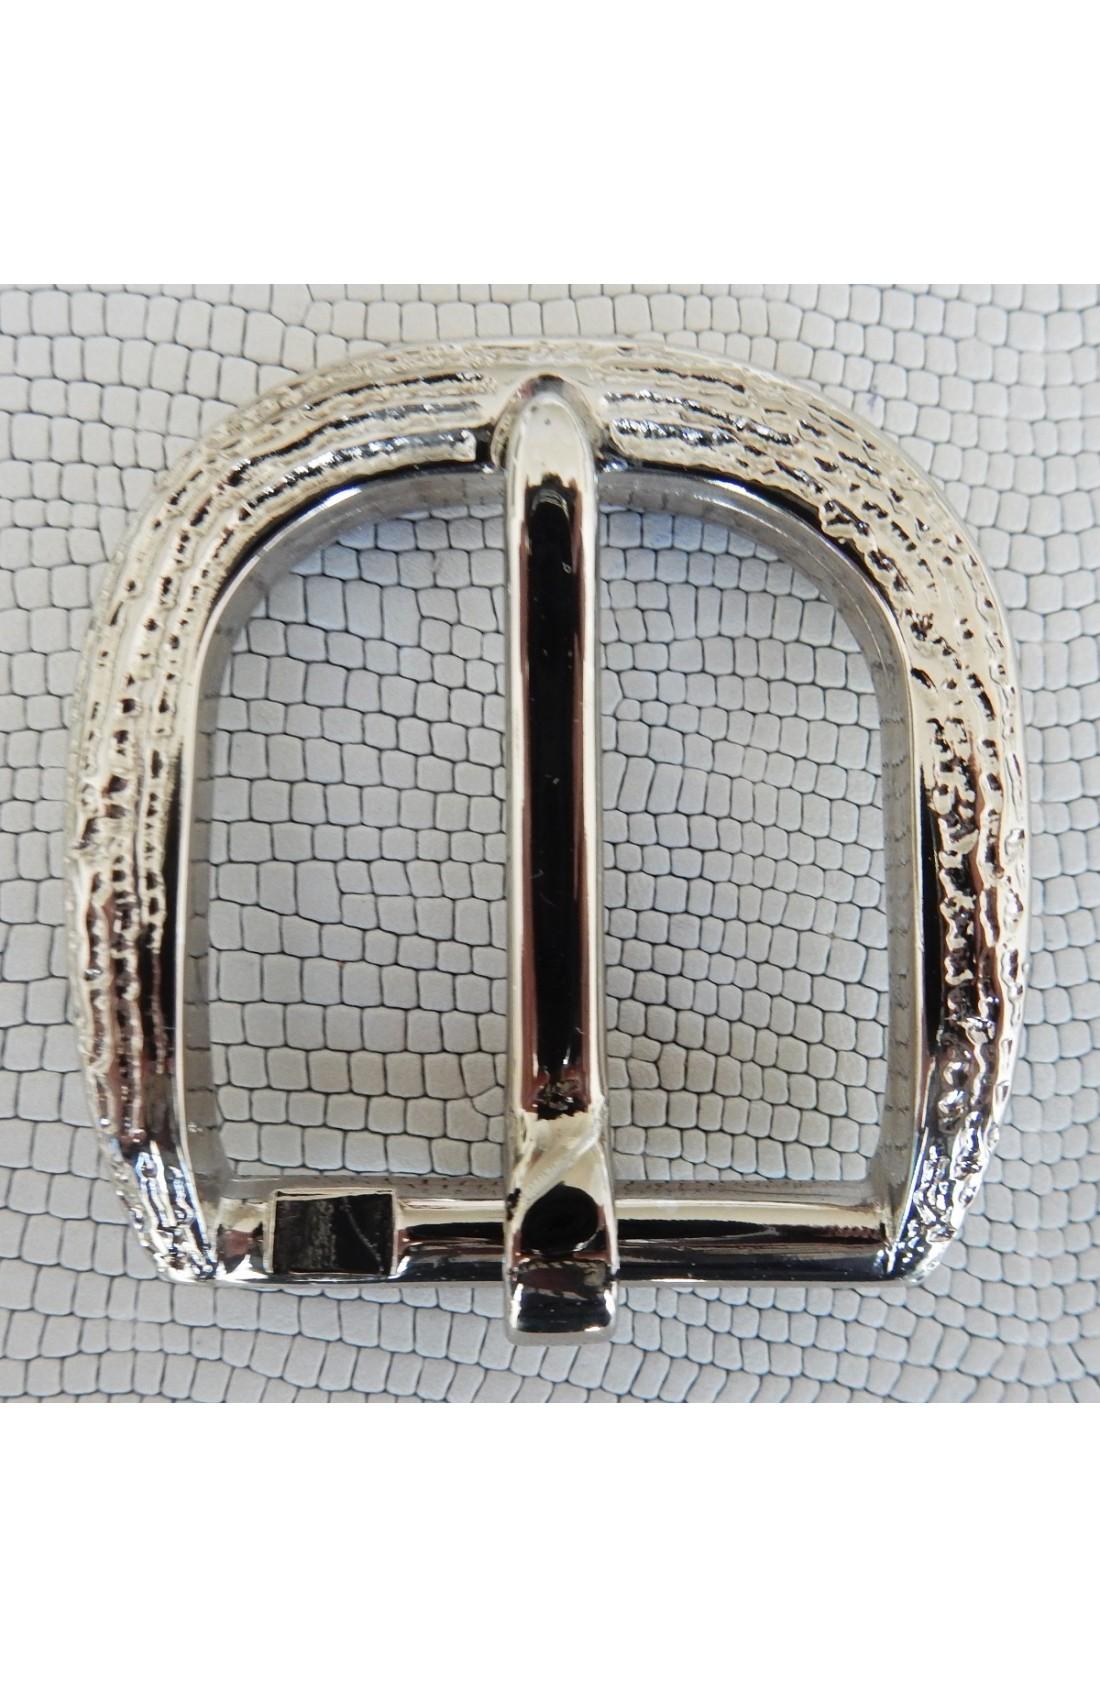 Fibbia Standard Z 51 mm.35 nikel free (1)